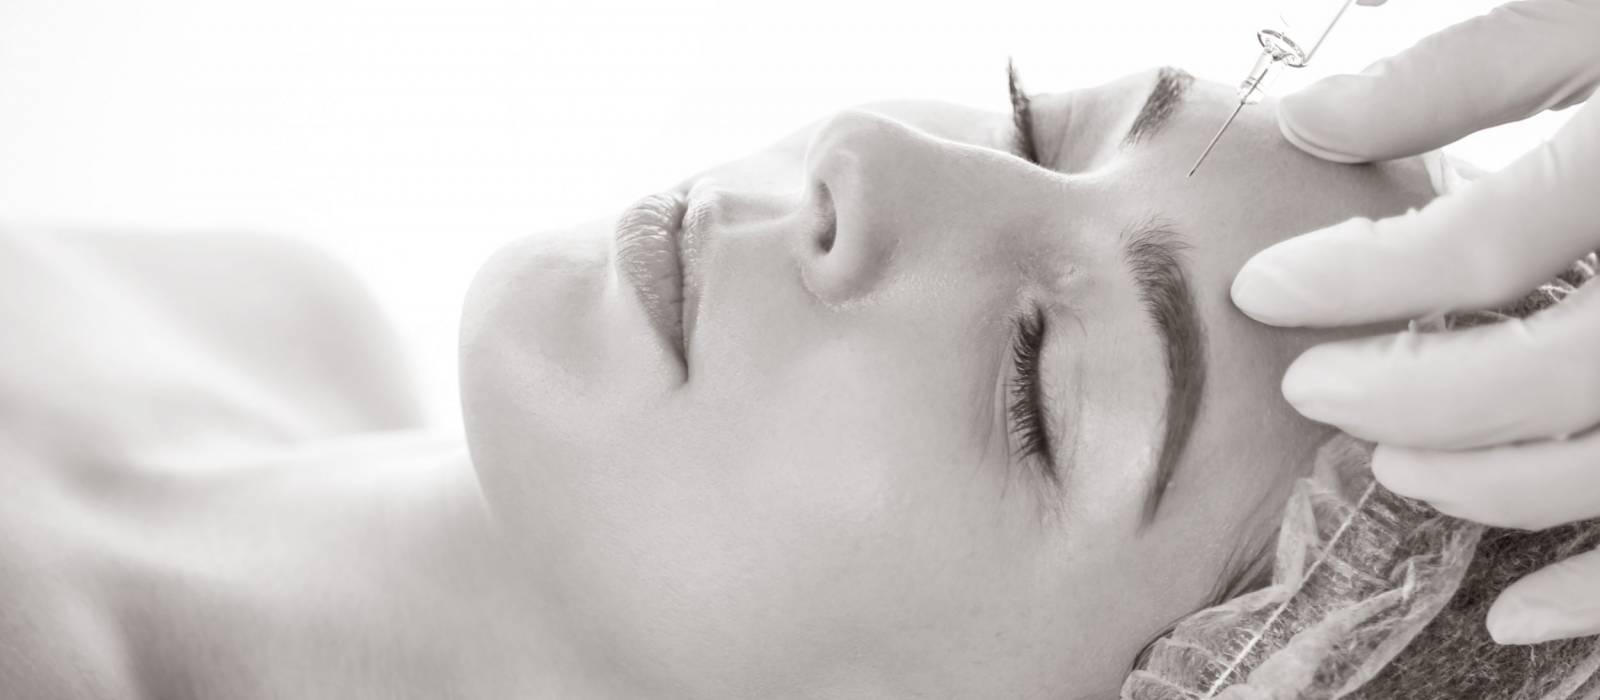 Traitement par injection de Botox - Dr Hamou